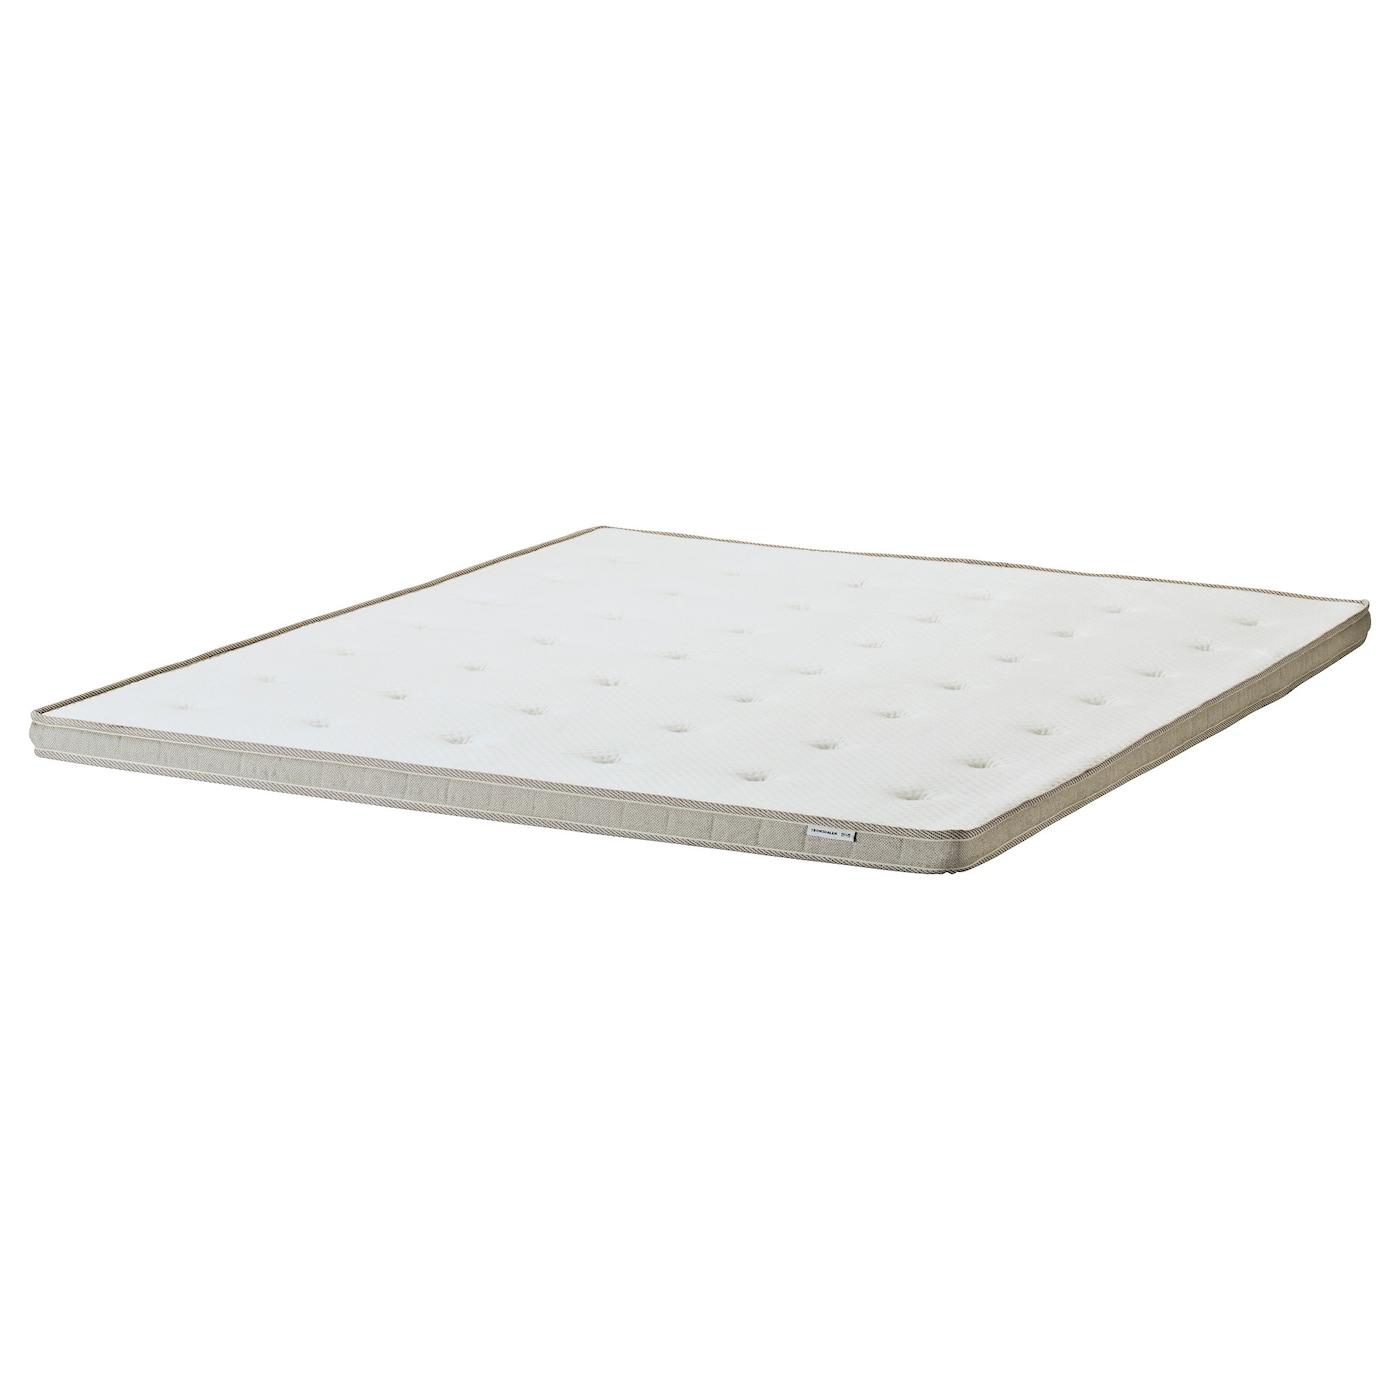 tromsdalen mattress topper natural colour standard king ikea. Black Bedroom Furniture Sets. Home Design Ideas